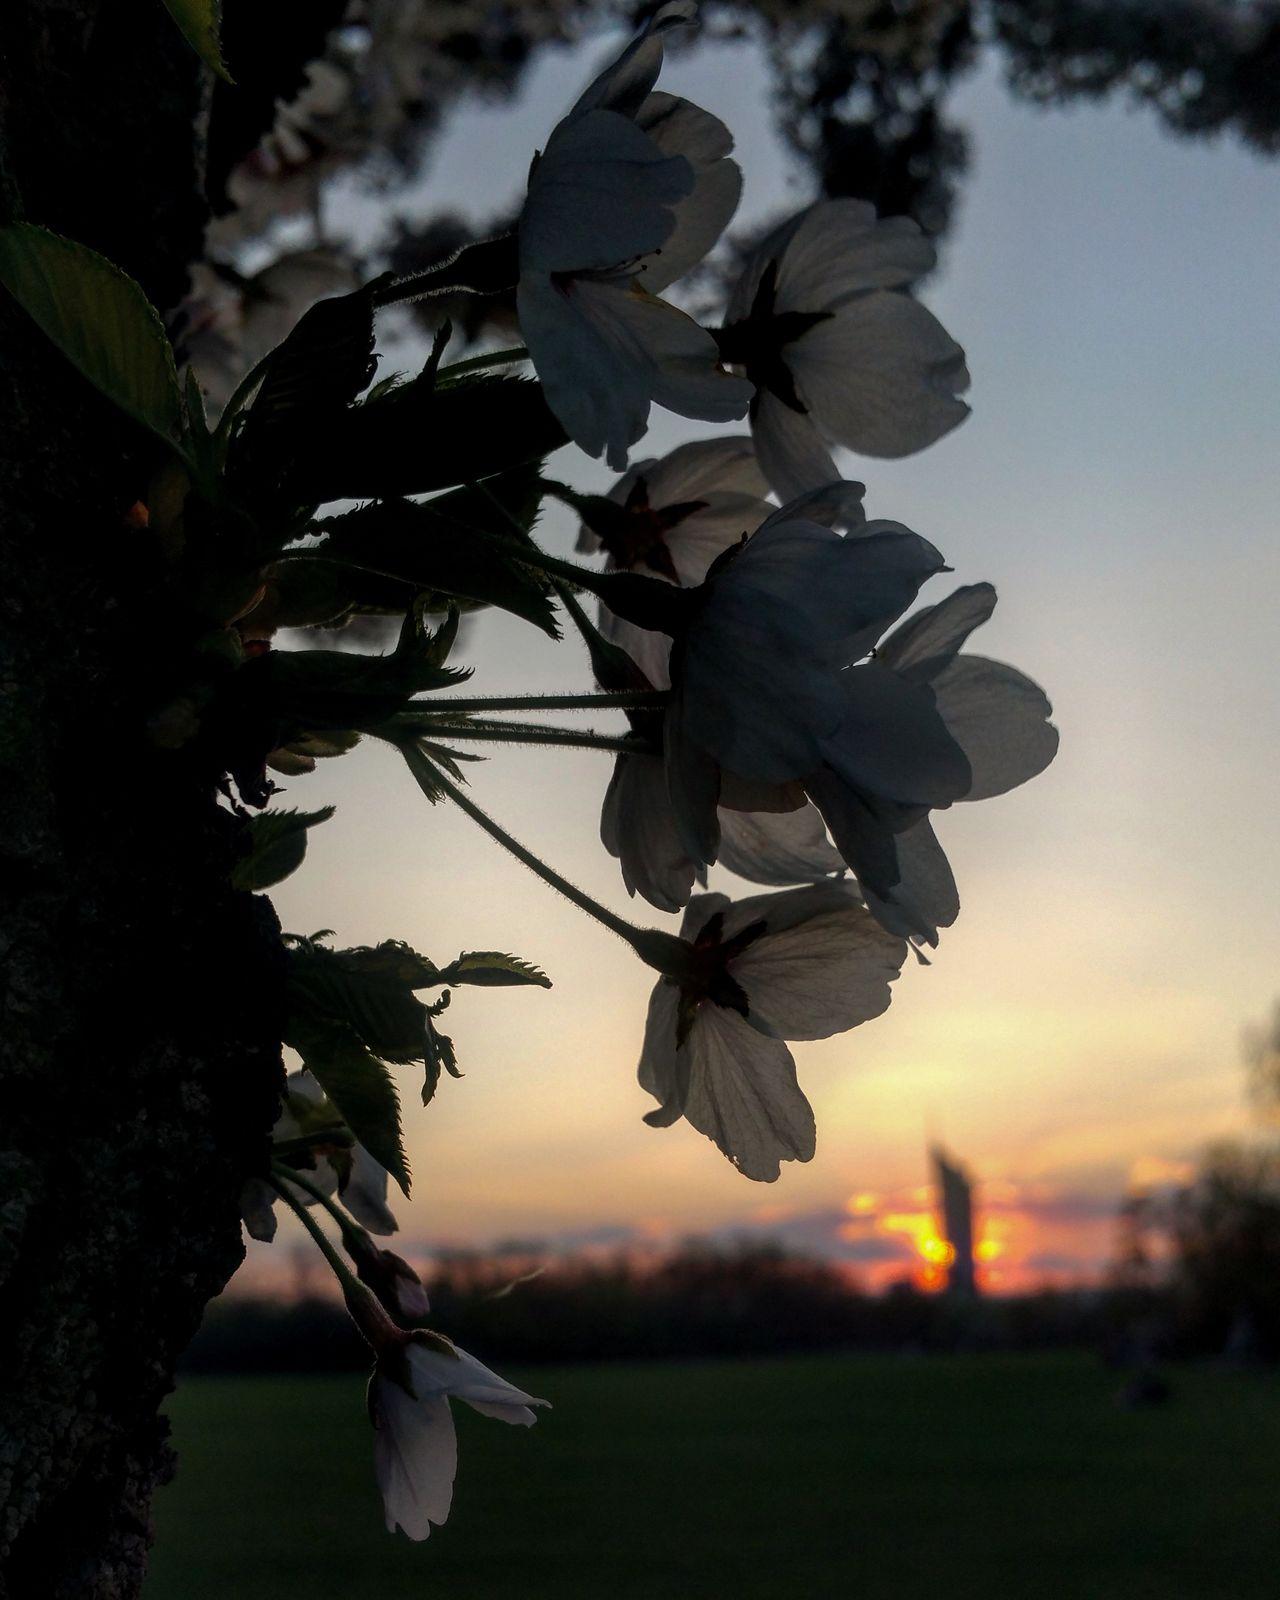 Das ist nicht die Sonne die untergeht, sondern die Welt die sich weiterdreht...♡ Beauty In Nature Millenium Tower Donaupark